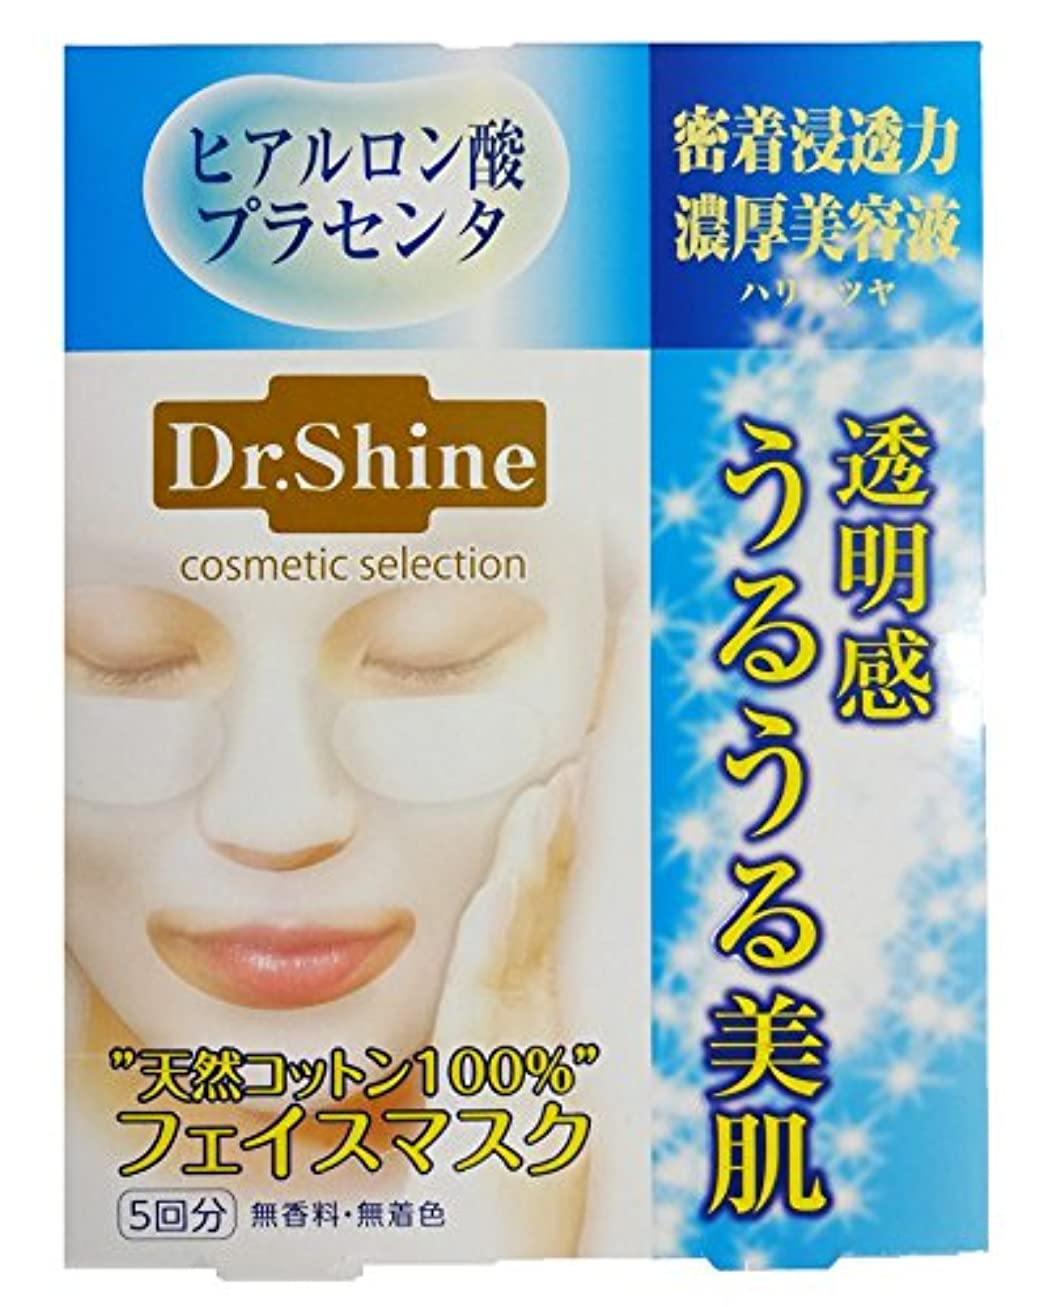 堂々たるそこ医薬Dr.Shine(ドクターシャイン) フェイスマスクHP 5回分(20ml×5)